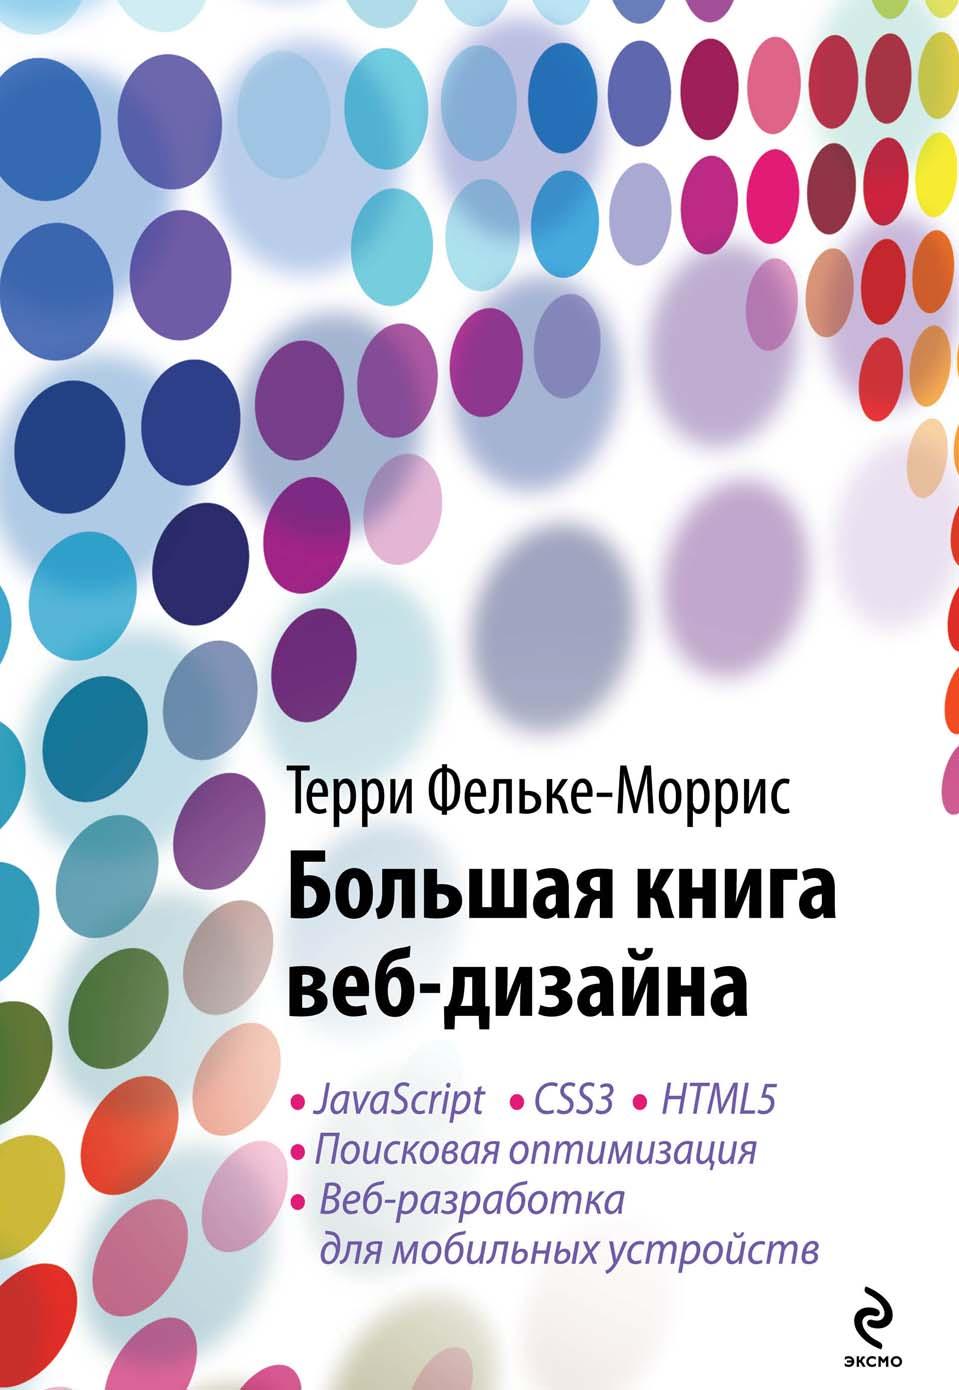 Терри Фельке-Моррис Большая книга веб-дизайна фельке моррис терри большая книга веб дизайна cd